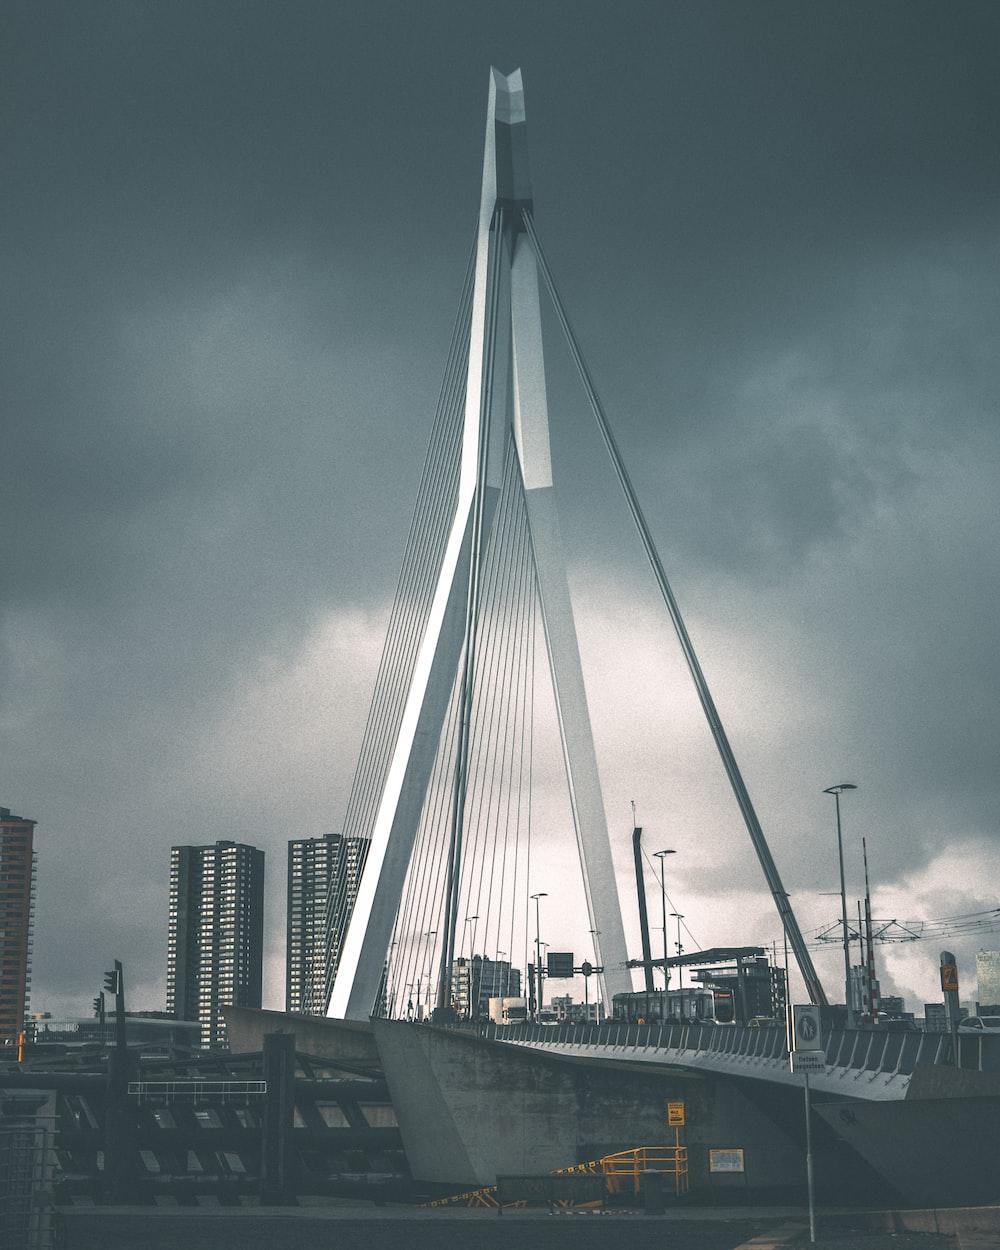 gray suspension bridge under gray clouds